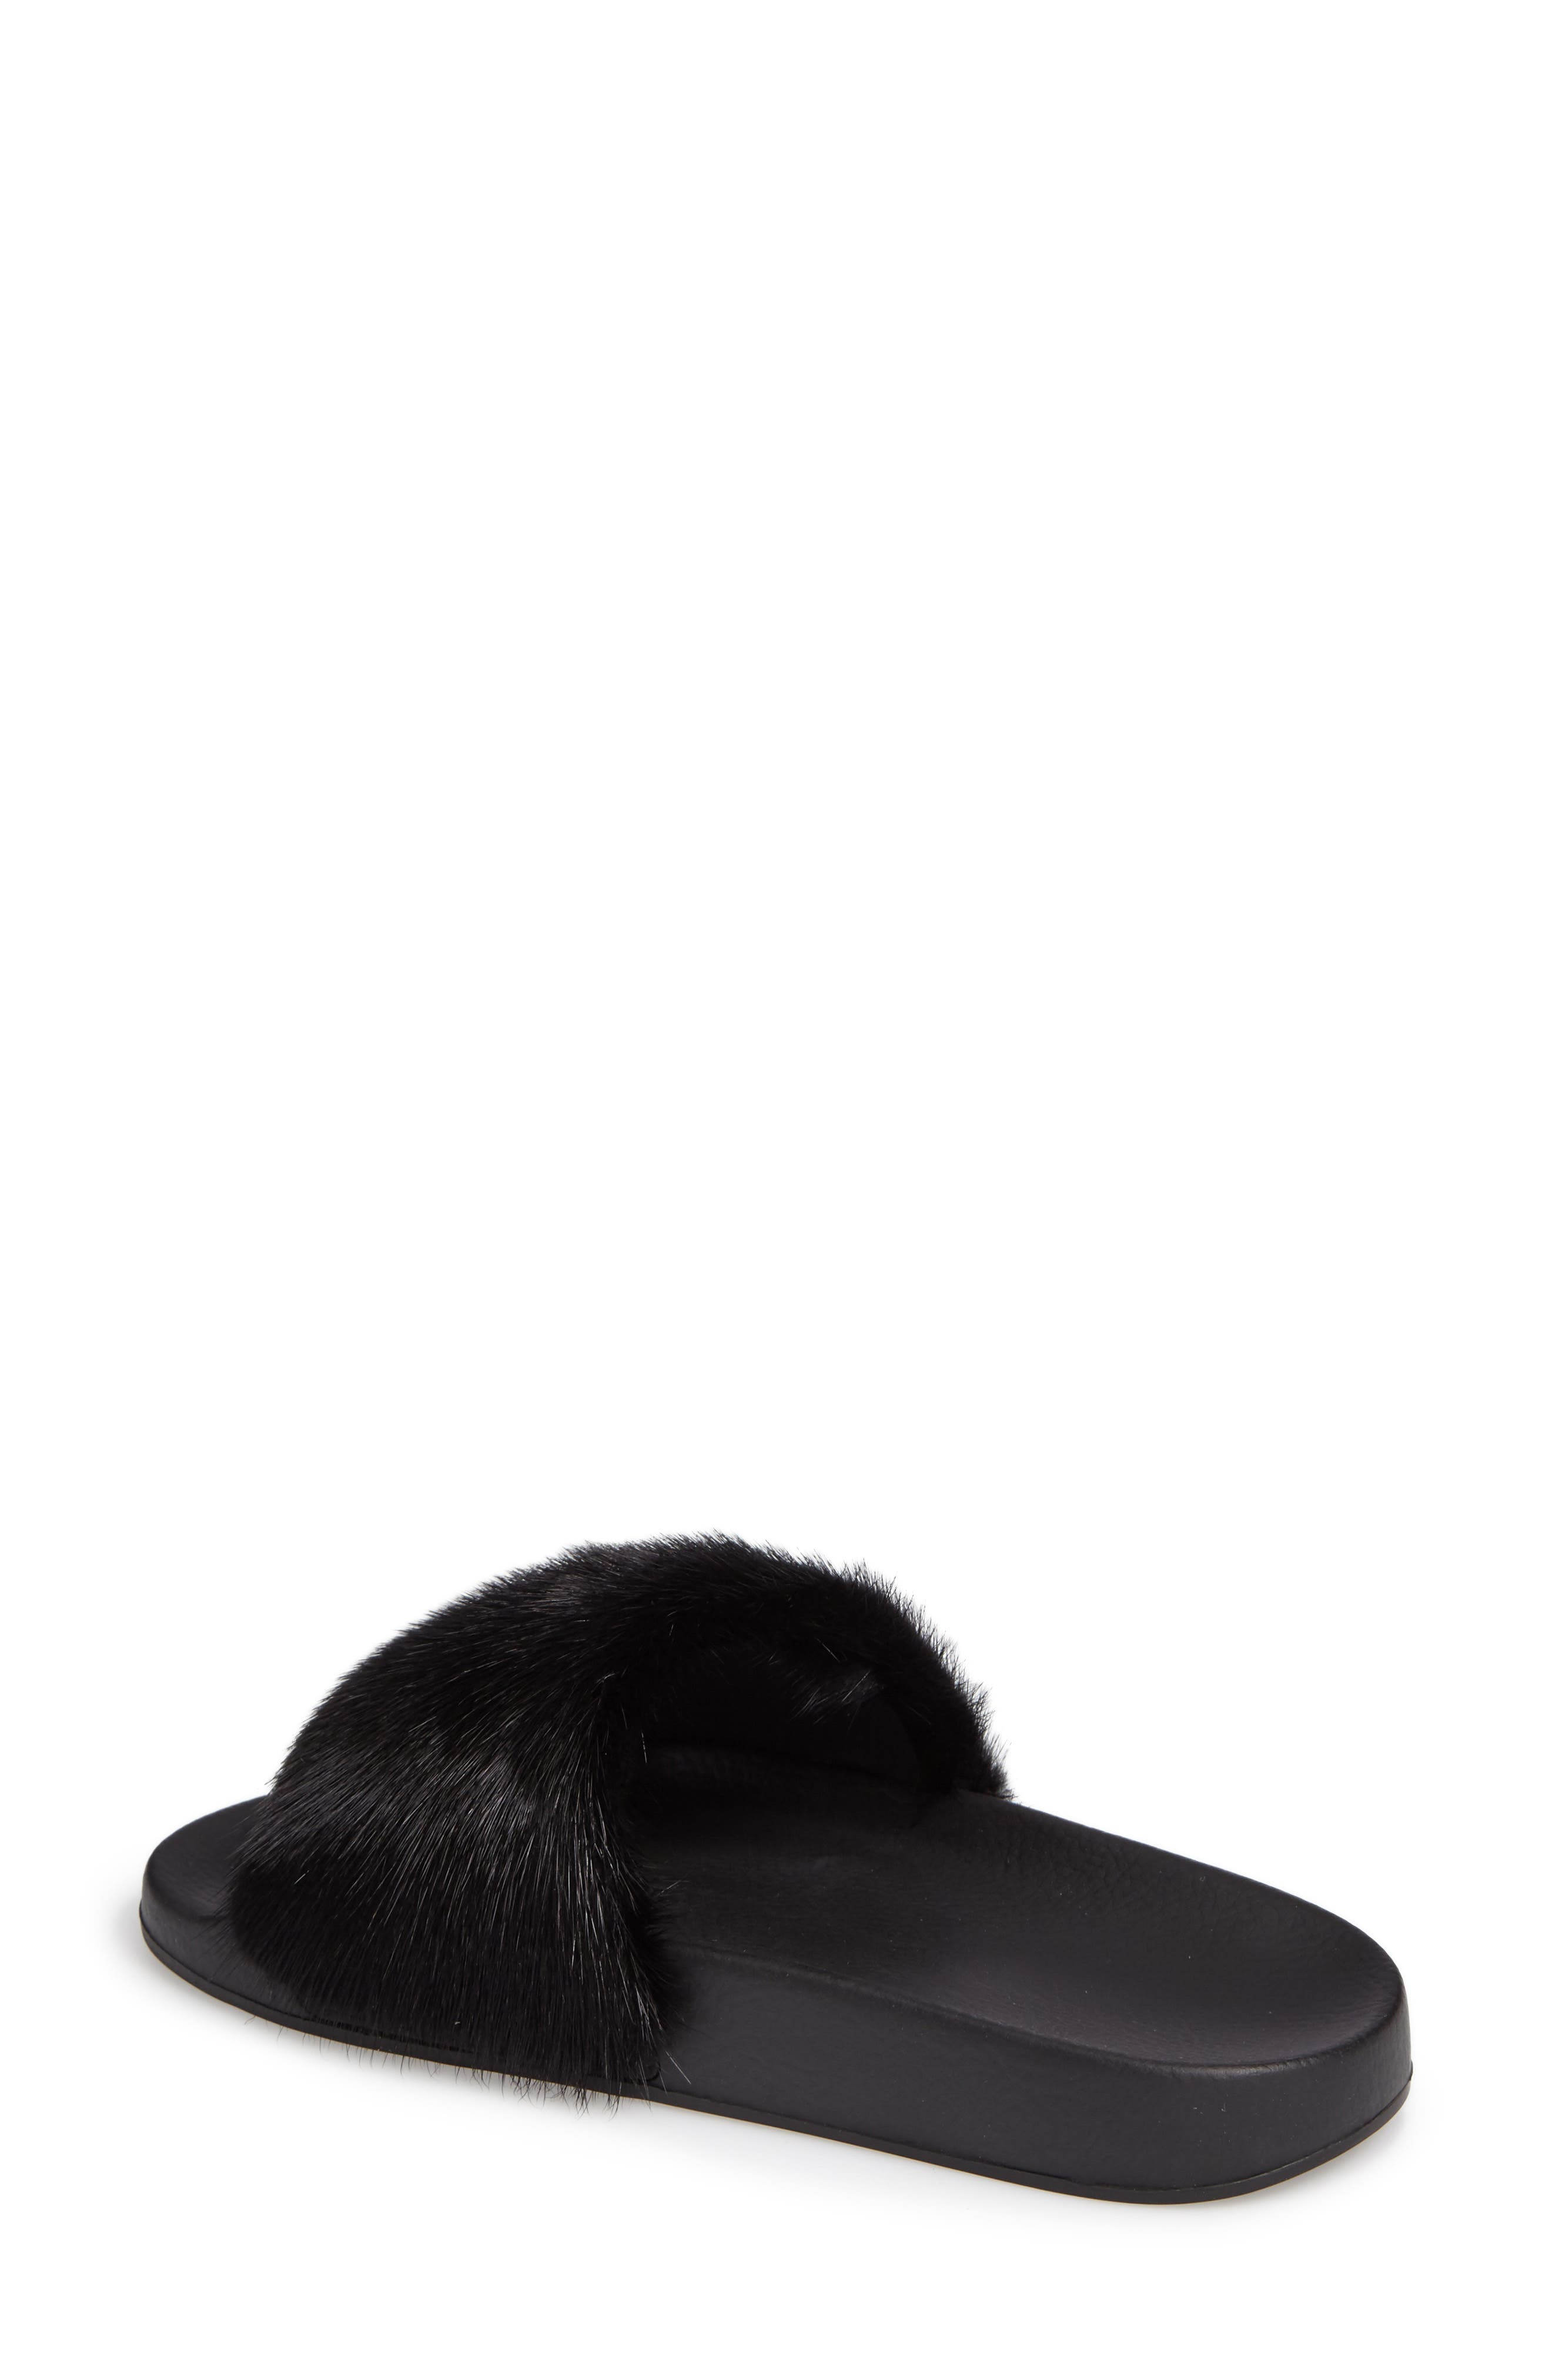 Genuine Mink Fur Slide Sandal,                             Alternate thumbnail 2, color,                             BLACK MINK